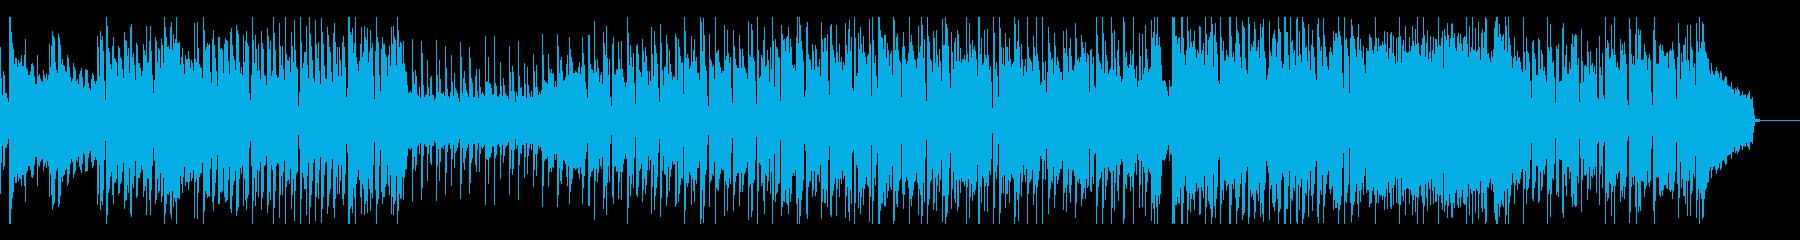 疾走感あるクールなバンドサウンドの再生済みの波形